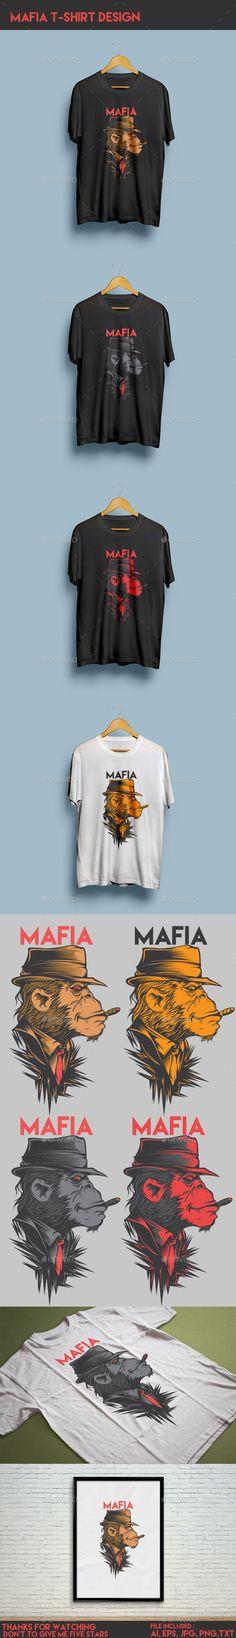 Mafia 2 T-Shirt illustration Design. Download: http://graphicriver.net/item/mafia-2-tshirt-design/12702897?ref=ksioks